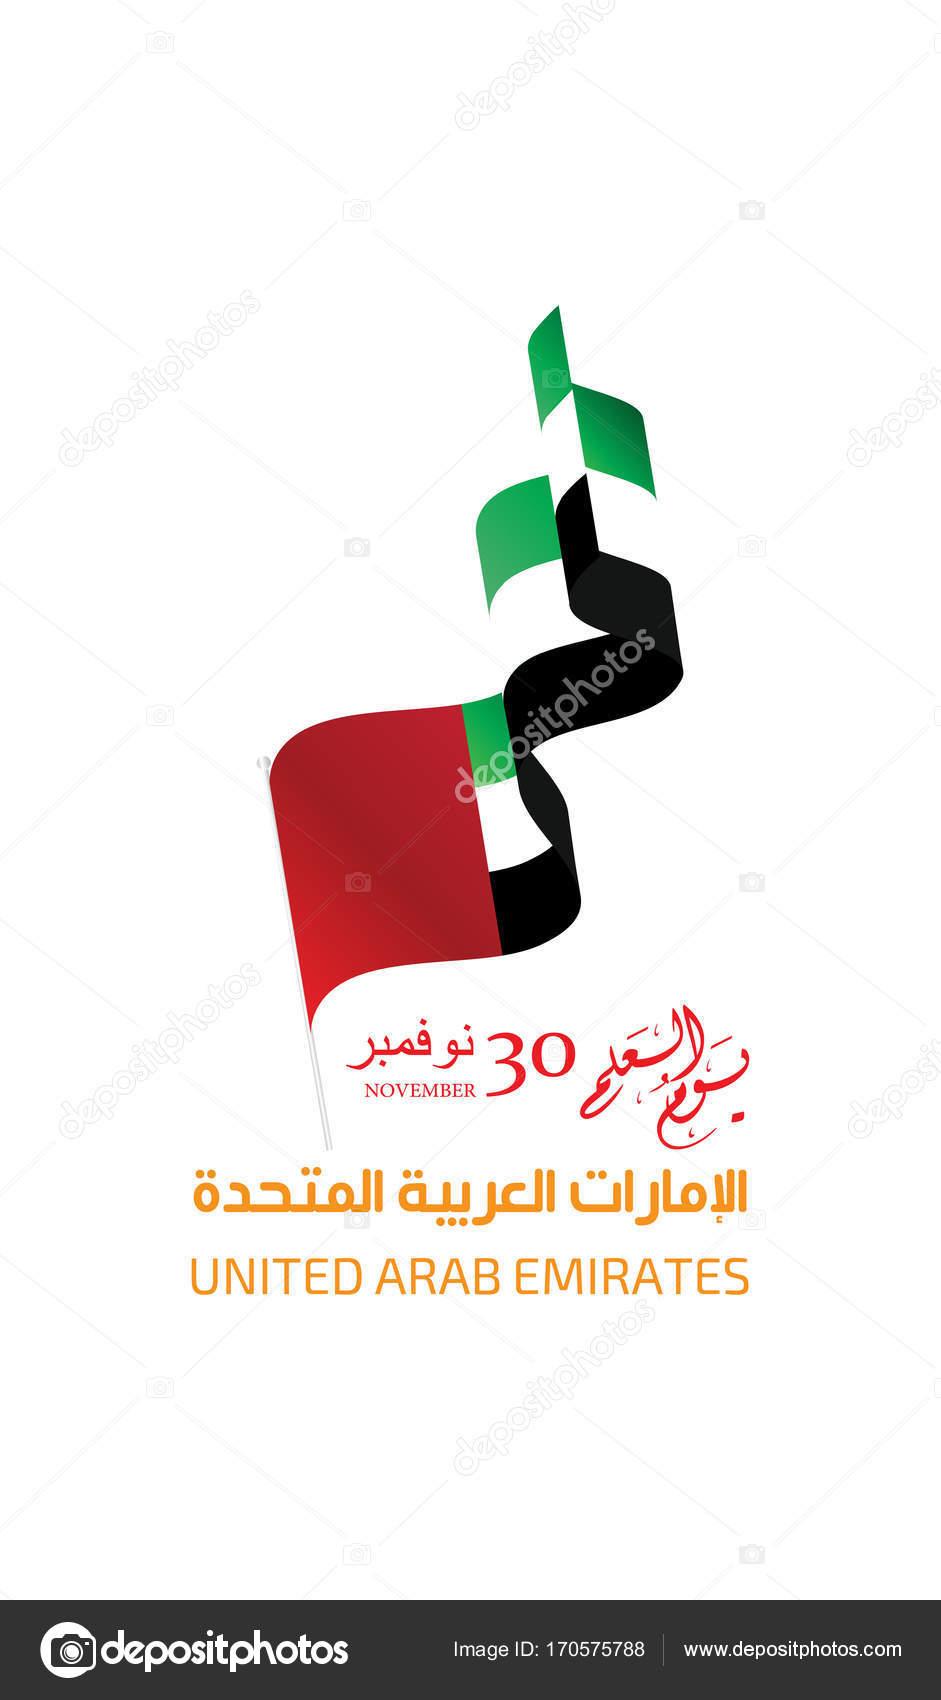 National flag day celebration united arab emirates uae stock national flag day celebration united arab emirates uae stock vector biocorpaavc Images